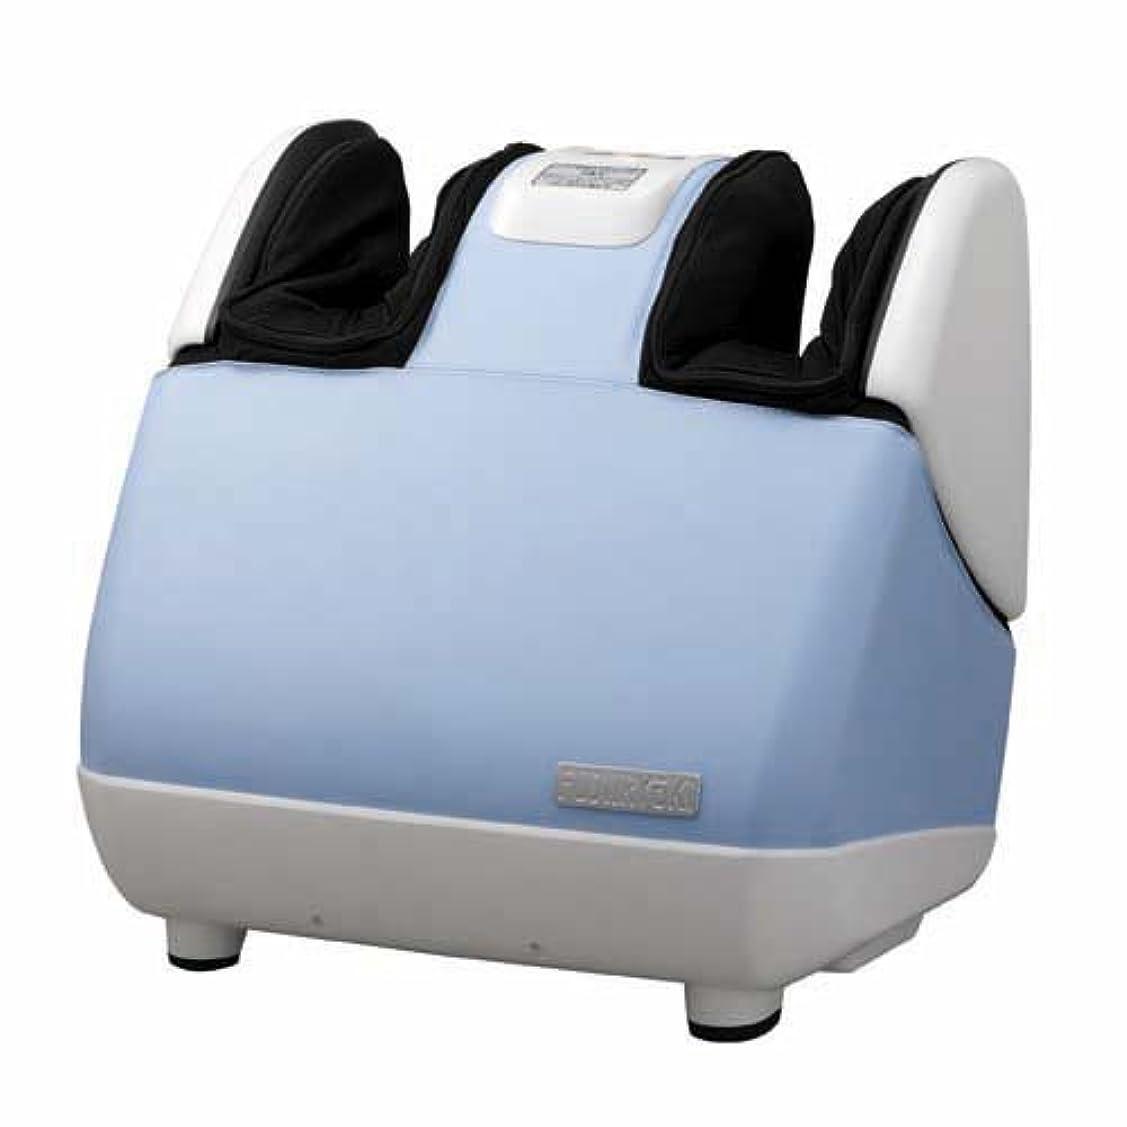 消毒する隠されたアベニューフジ医療器【ヒーター機能搭載】足先?足裏からふくらはぎまでリフレッシュフットマッサージャー SG-520